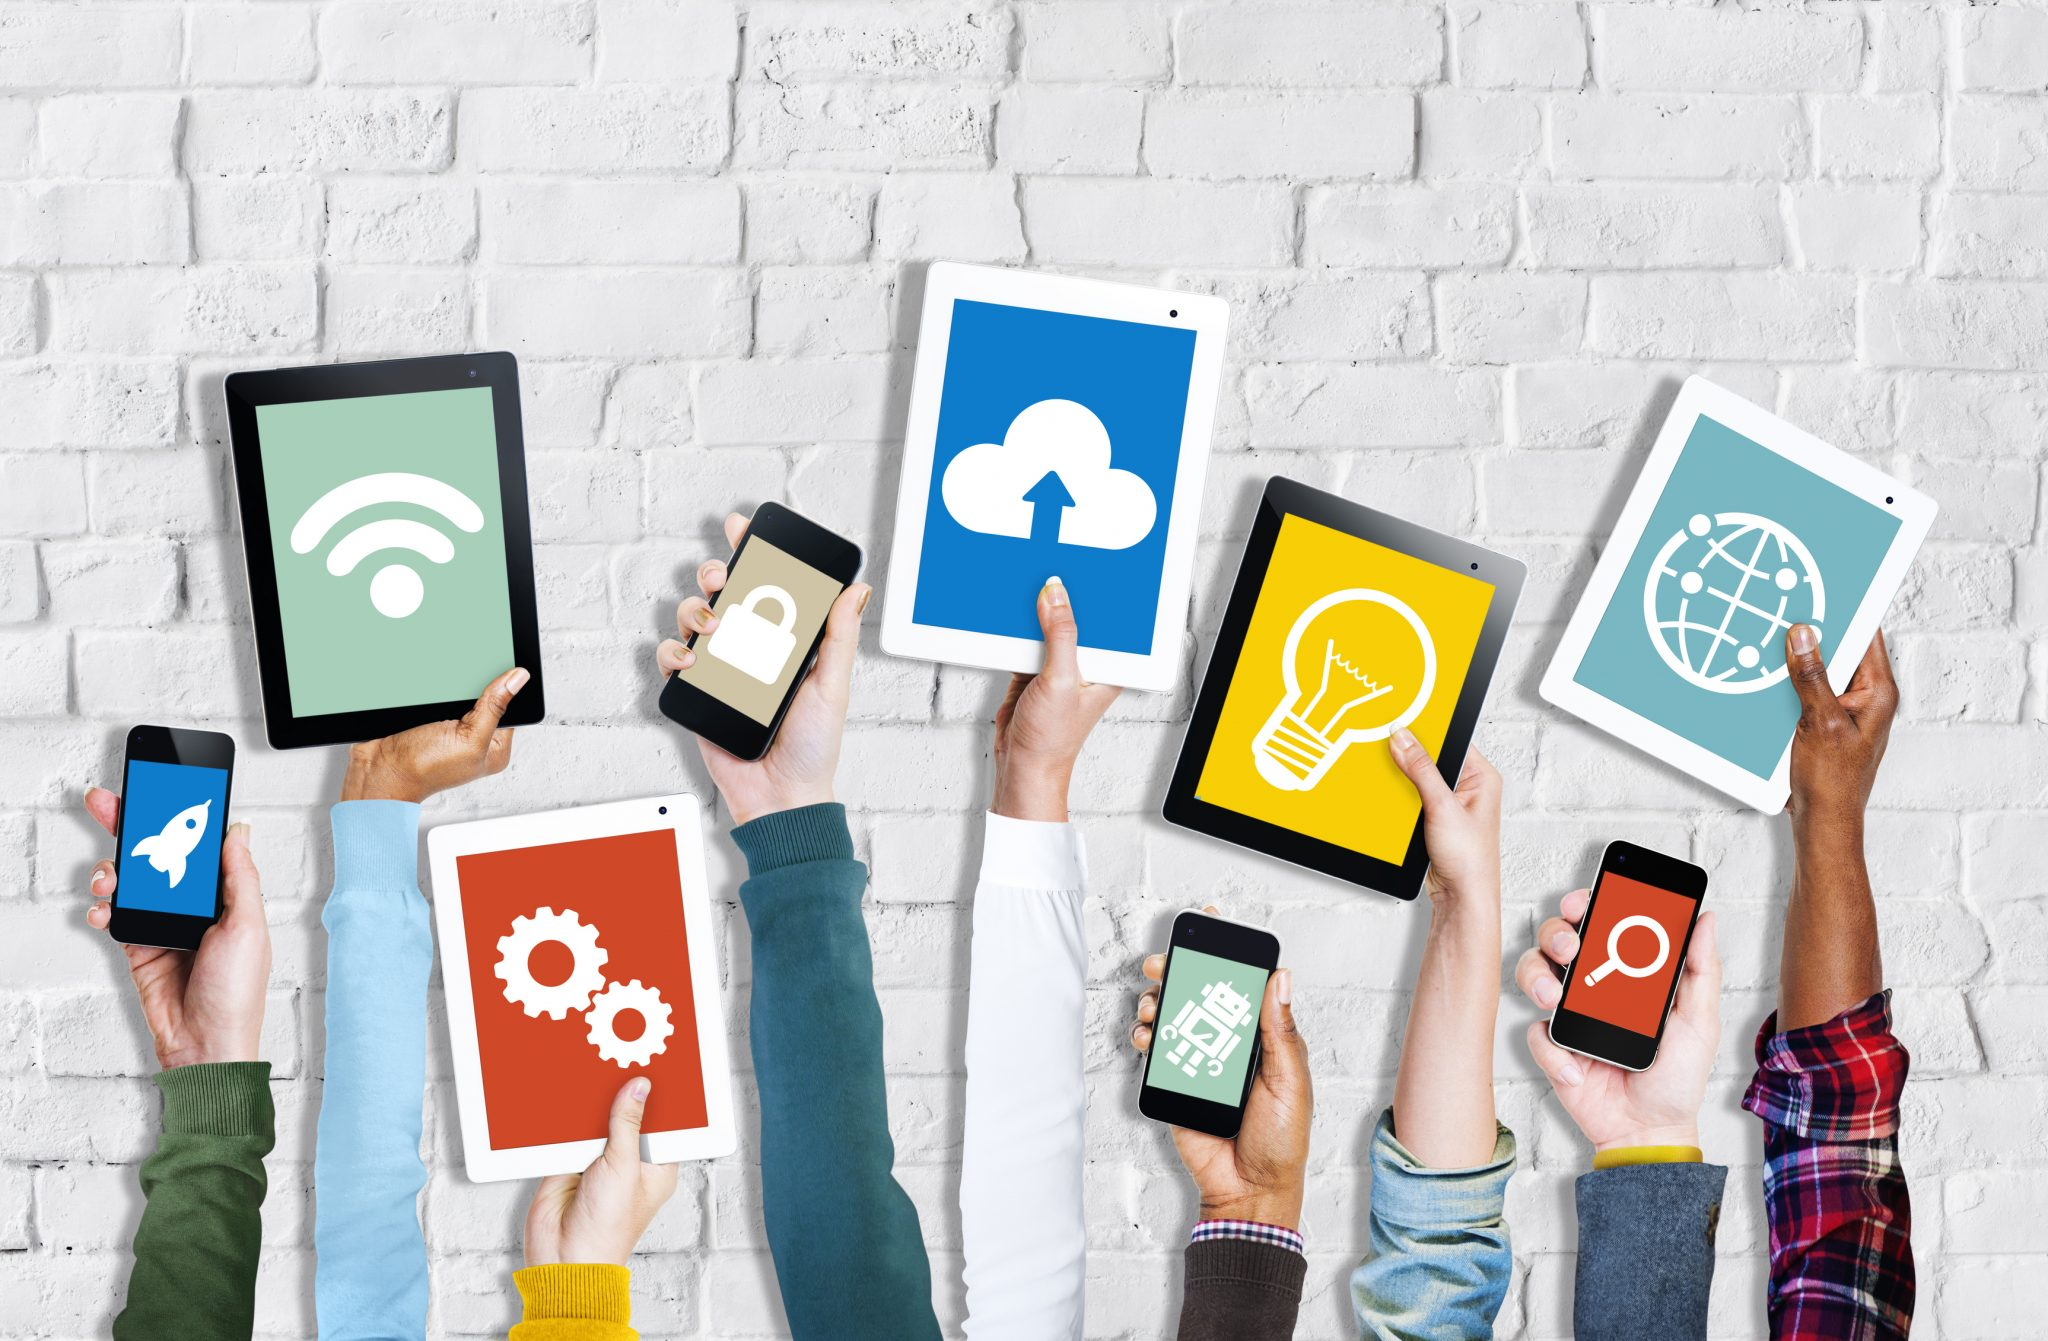 Pesquisa sobre marketing digital